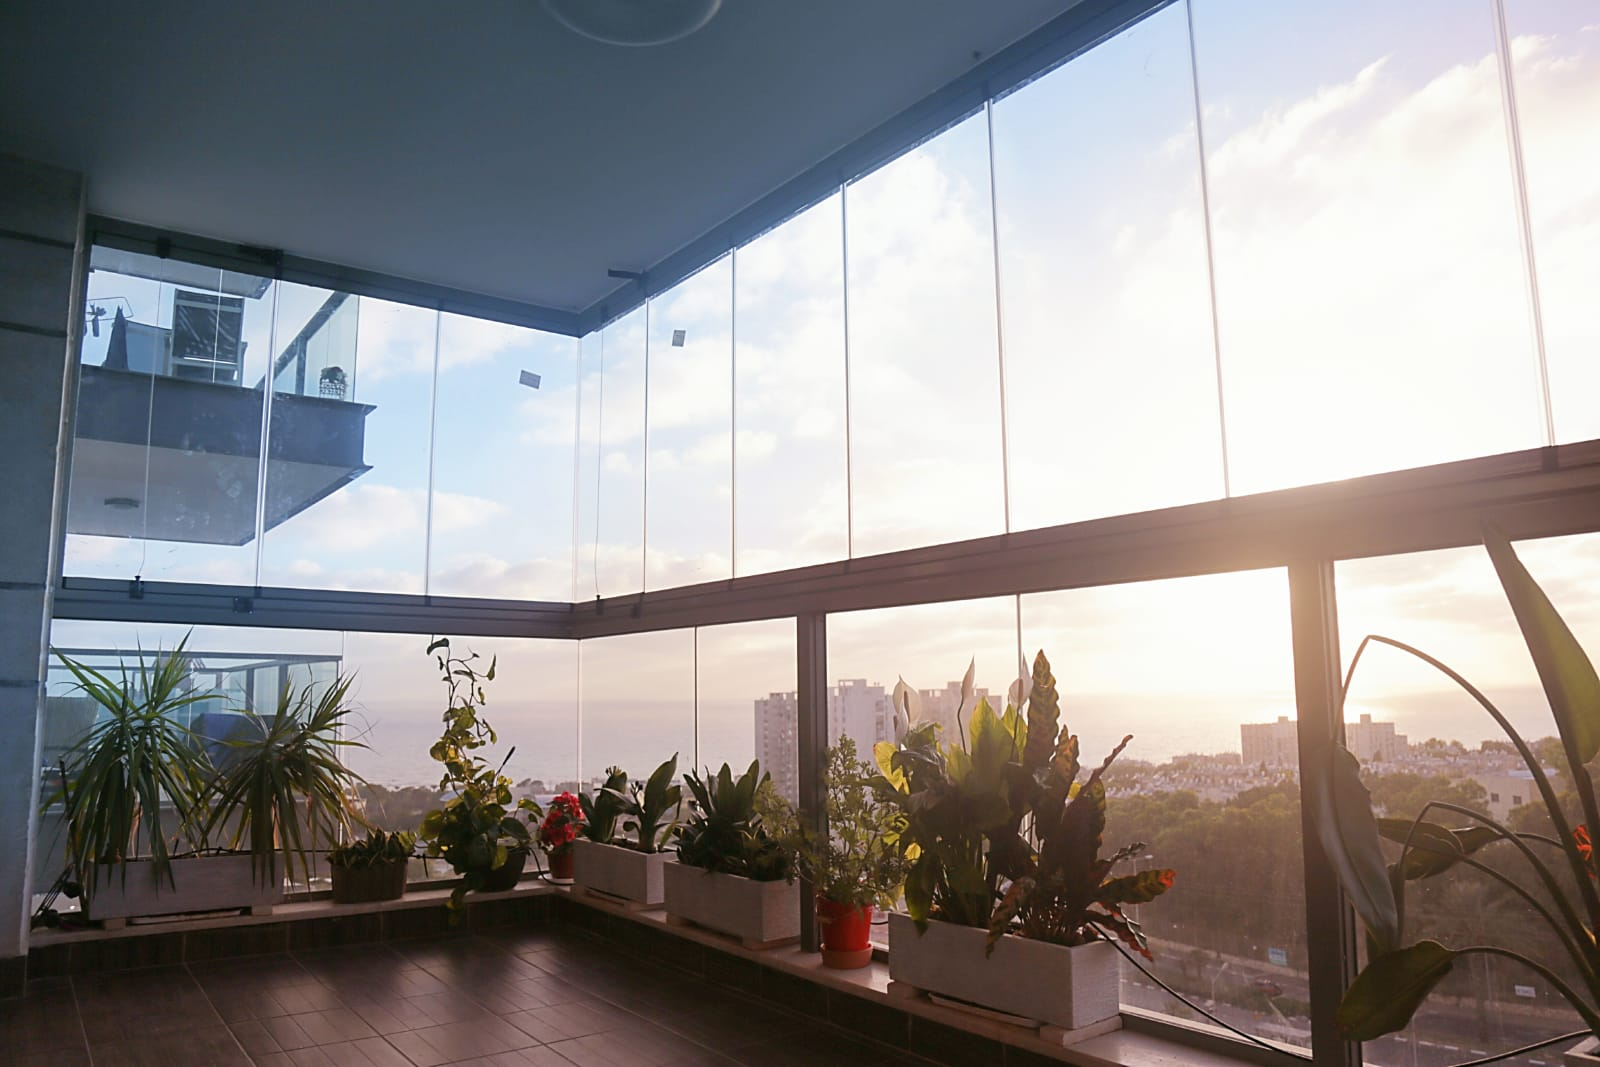 חלונות זכוכית נאספות